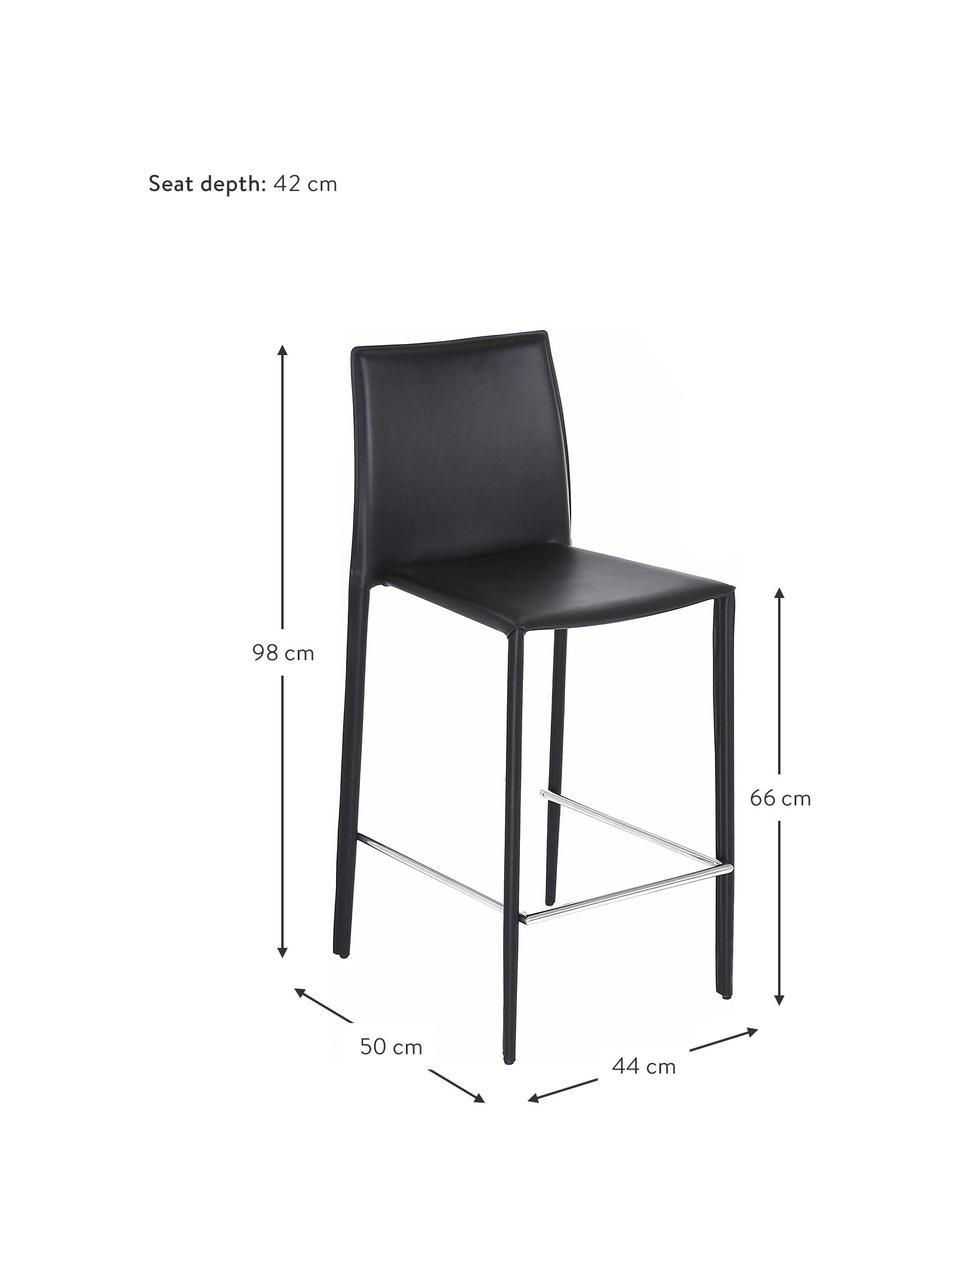 Leder-Thekenstühle Boréalys in Schwarz, 2 Stück, Sitzfläche: Recyceltes Leder (70% Led, Gestell: Metall, pulverbeschichtet, Schwarz, 44 x 98 cm